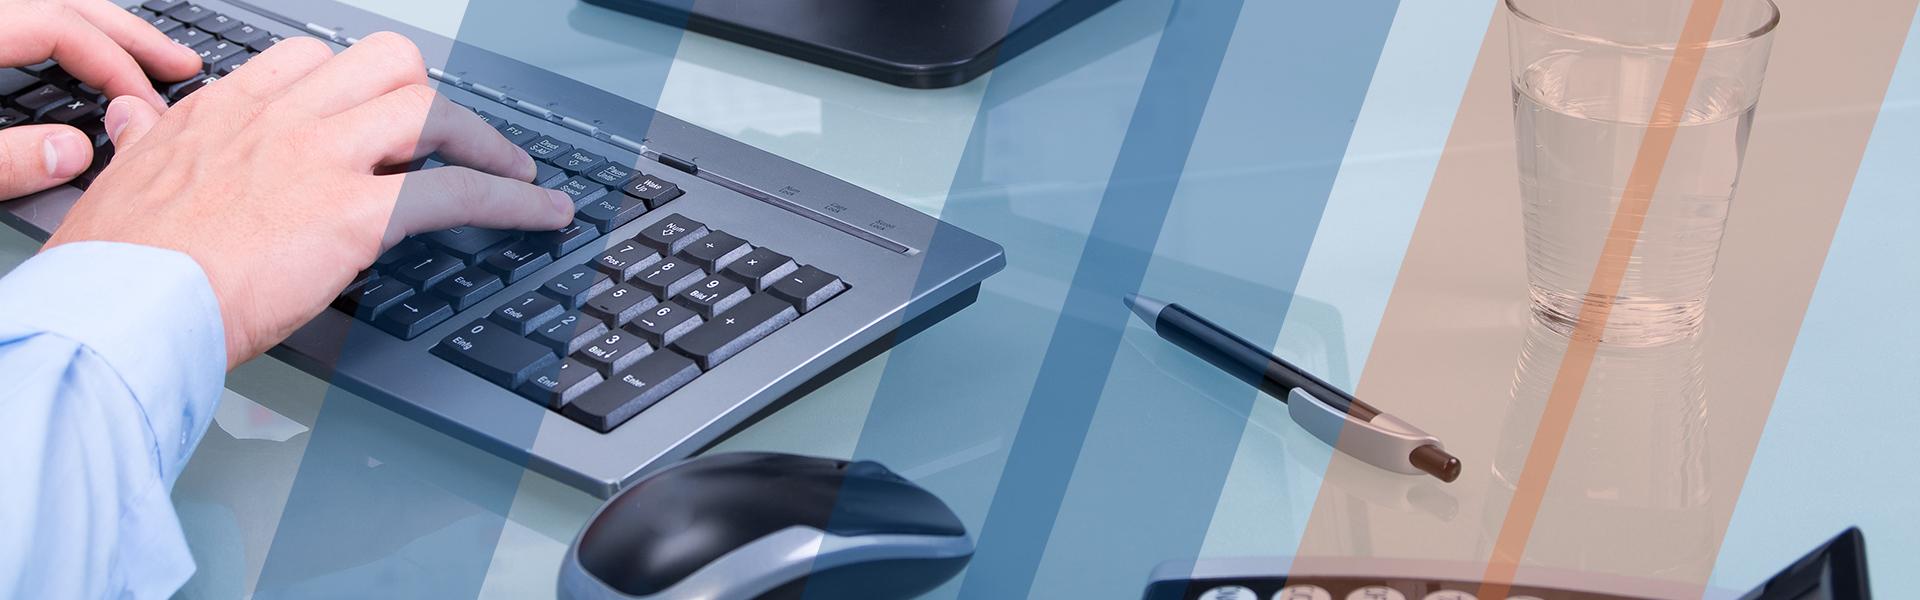 Qui Fattura - Funzionalità per le fatture online